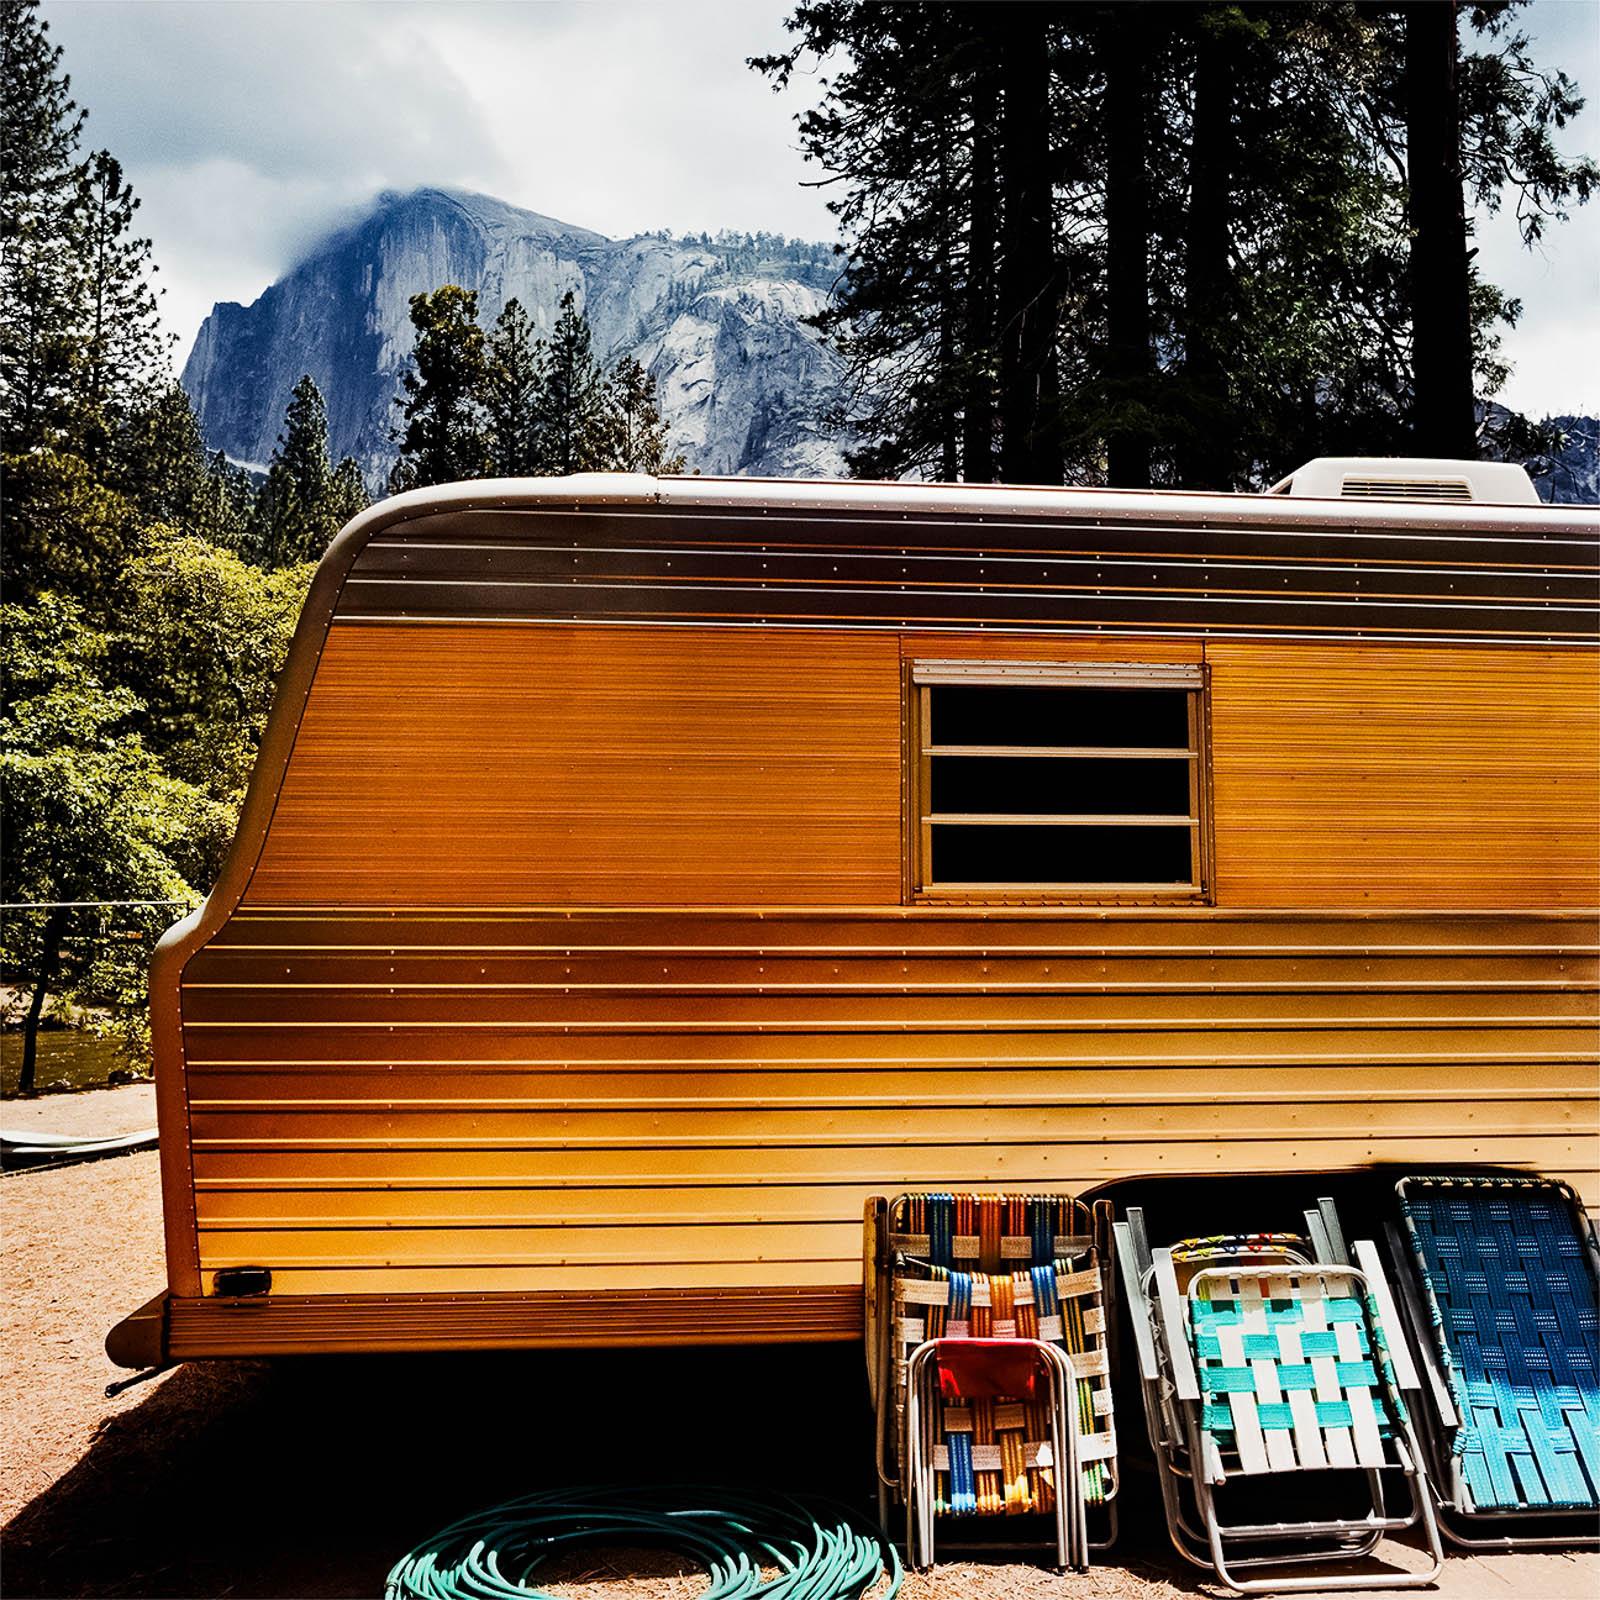 Motorhome at Yosemite National Park, California 1980